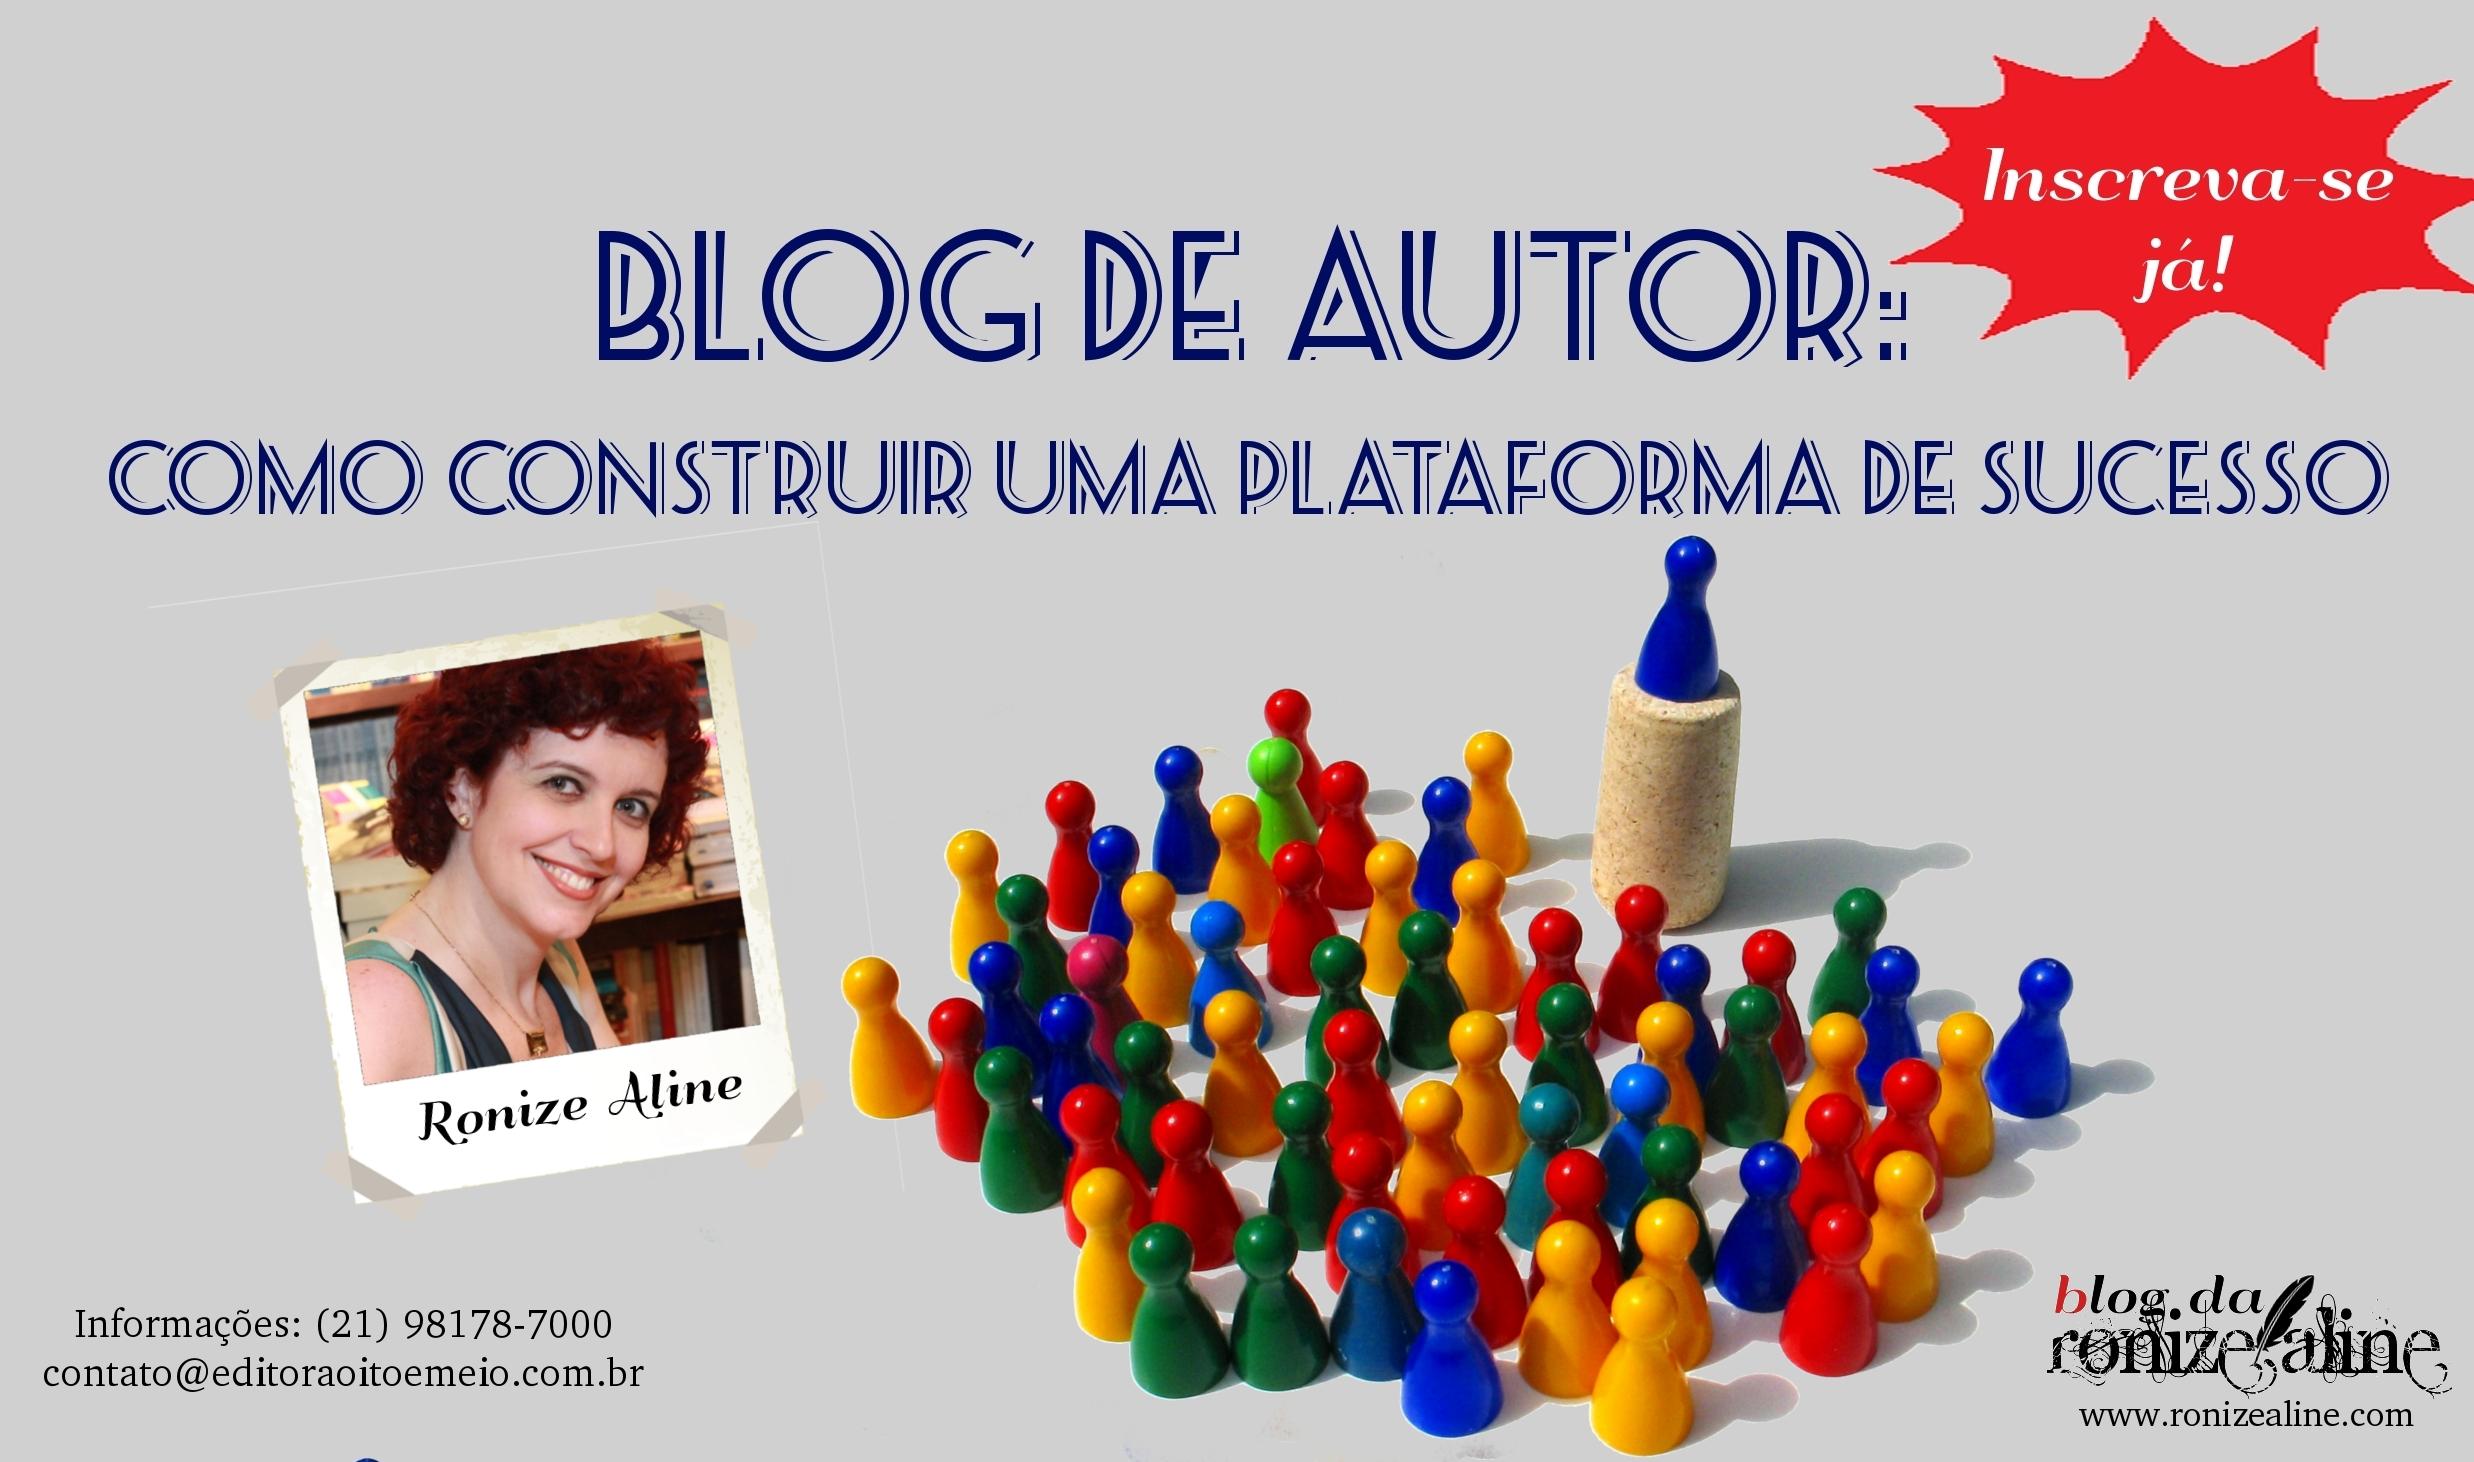 Blog de Autor: construa uma imagem de sucesso